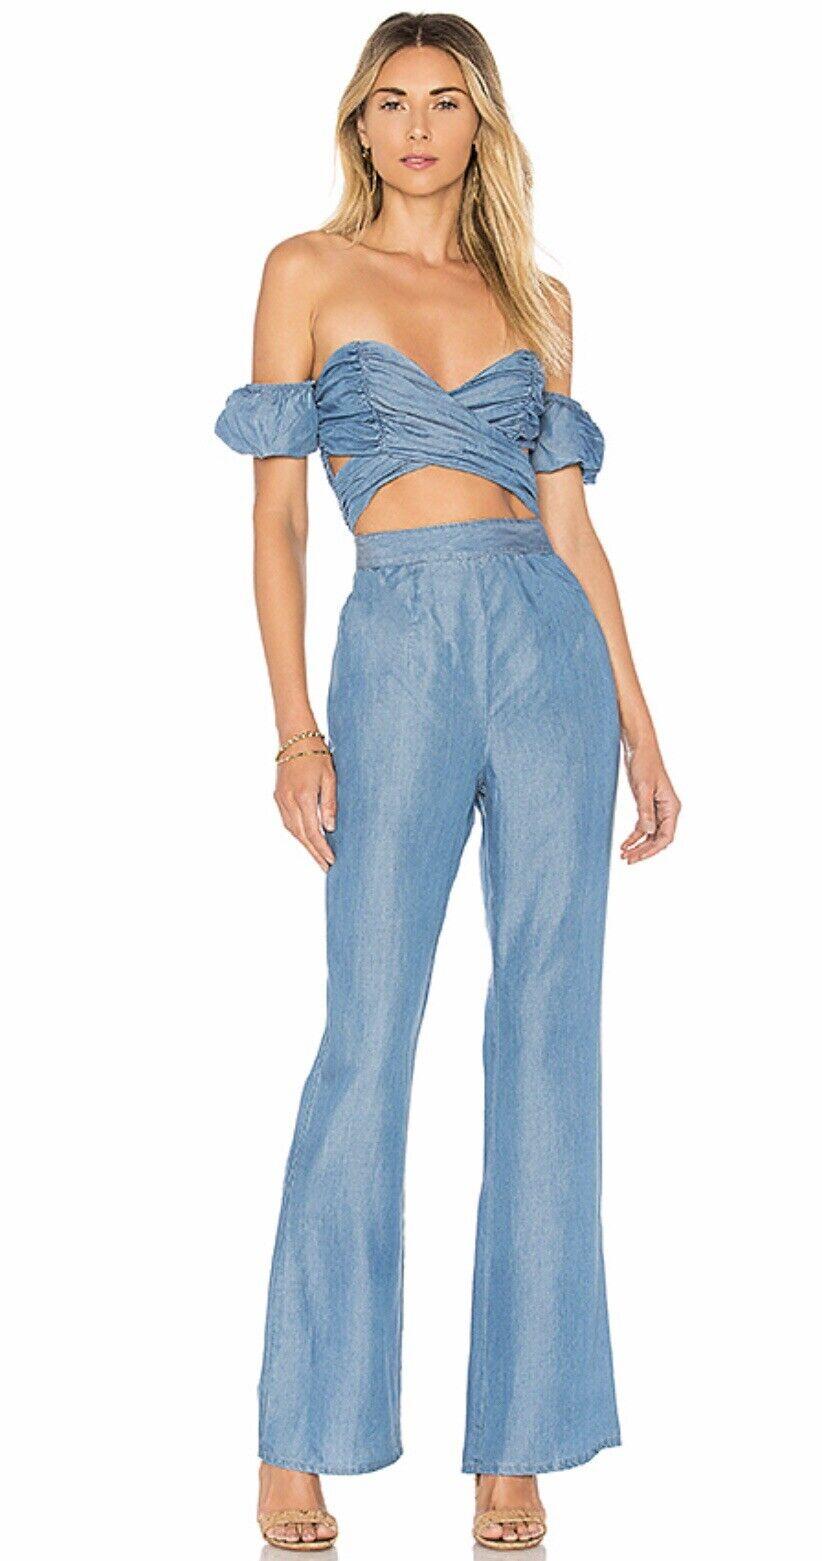 MAJORELLE 'Memphis' Jumpsuit Size S